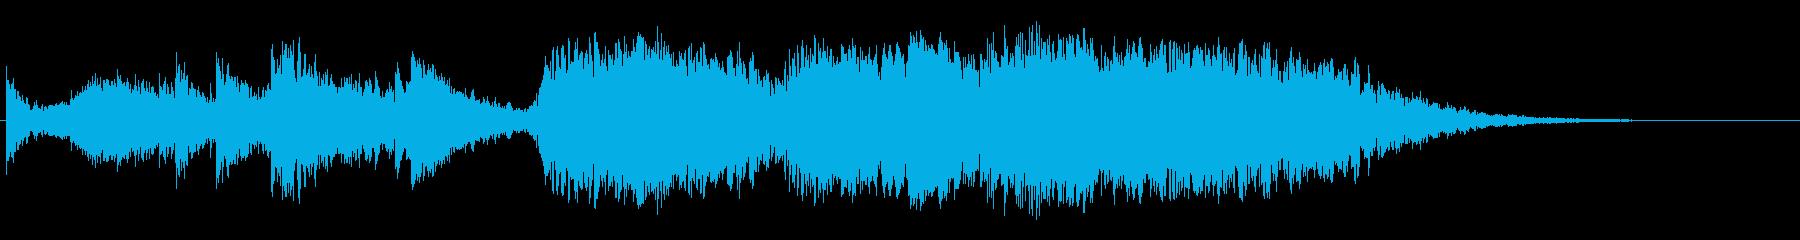 ハリウッド映画風BGM(浮遊感・恐怖)の再生済みの波形